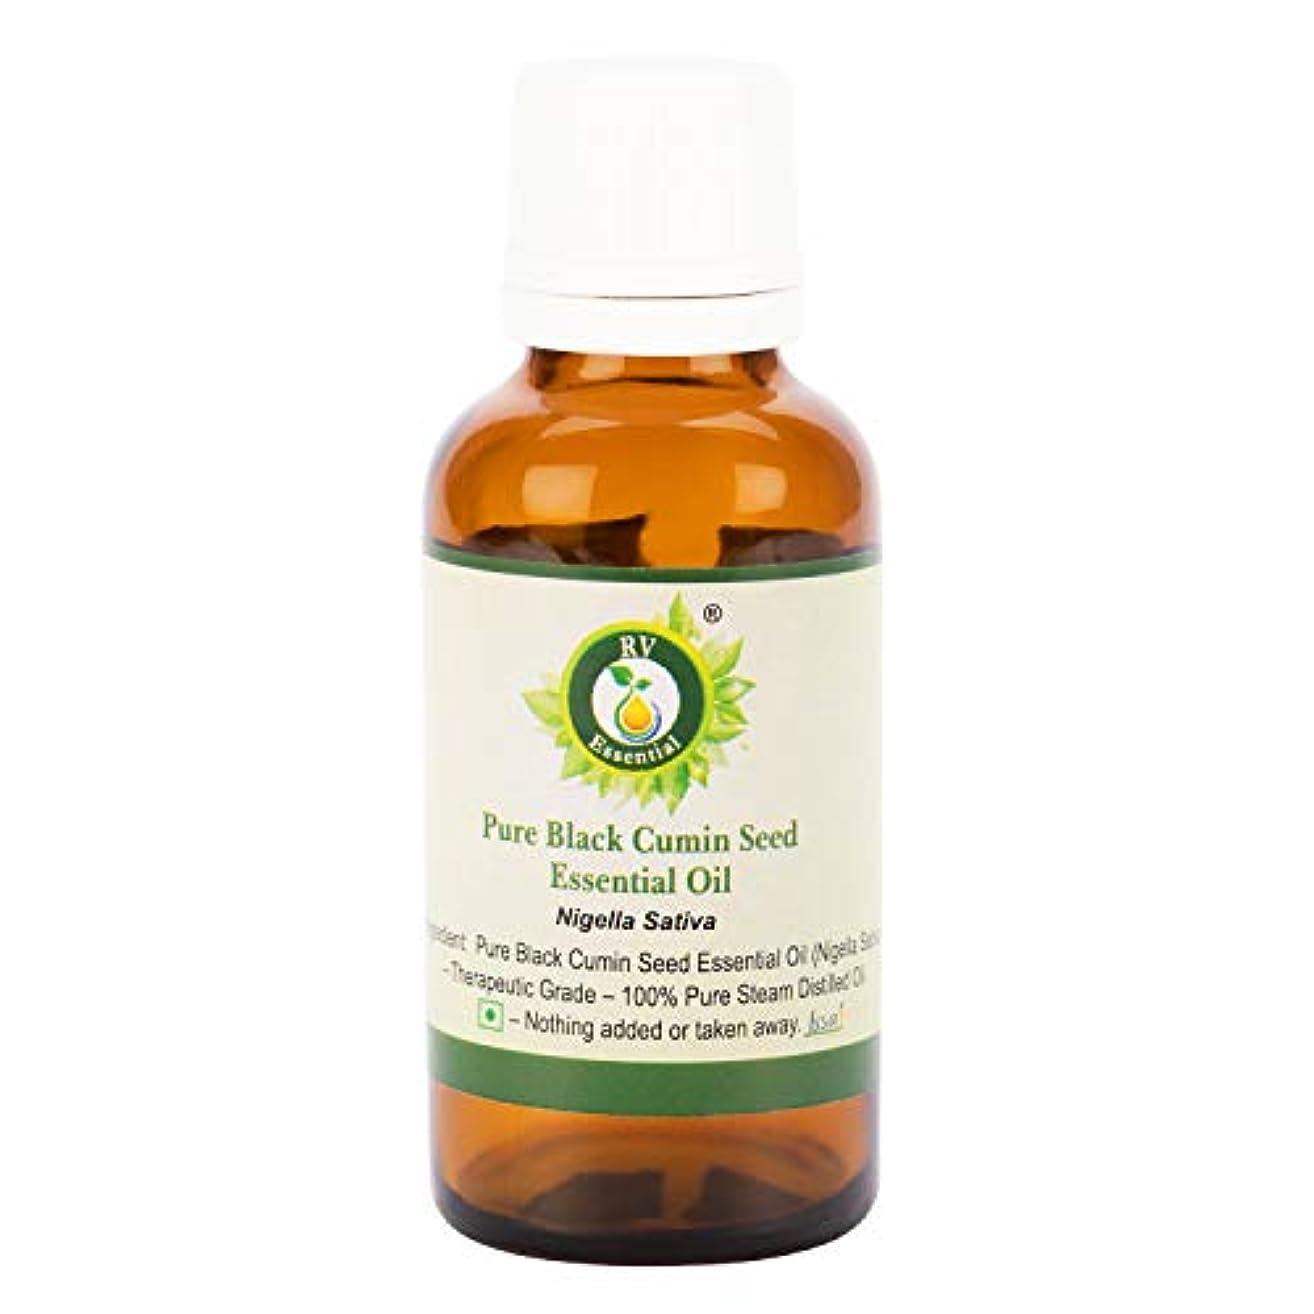 追記勧告報復ピュアブラッククミンシードエッセンシャルオイル5ml (0.169oz)- Nigella Sativa (100%純粋&天然スチームDistilled) Pure Black Cumin Seed Essential...